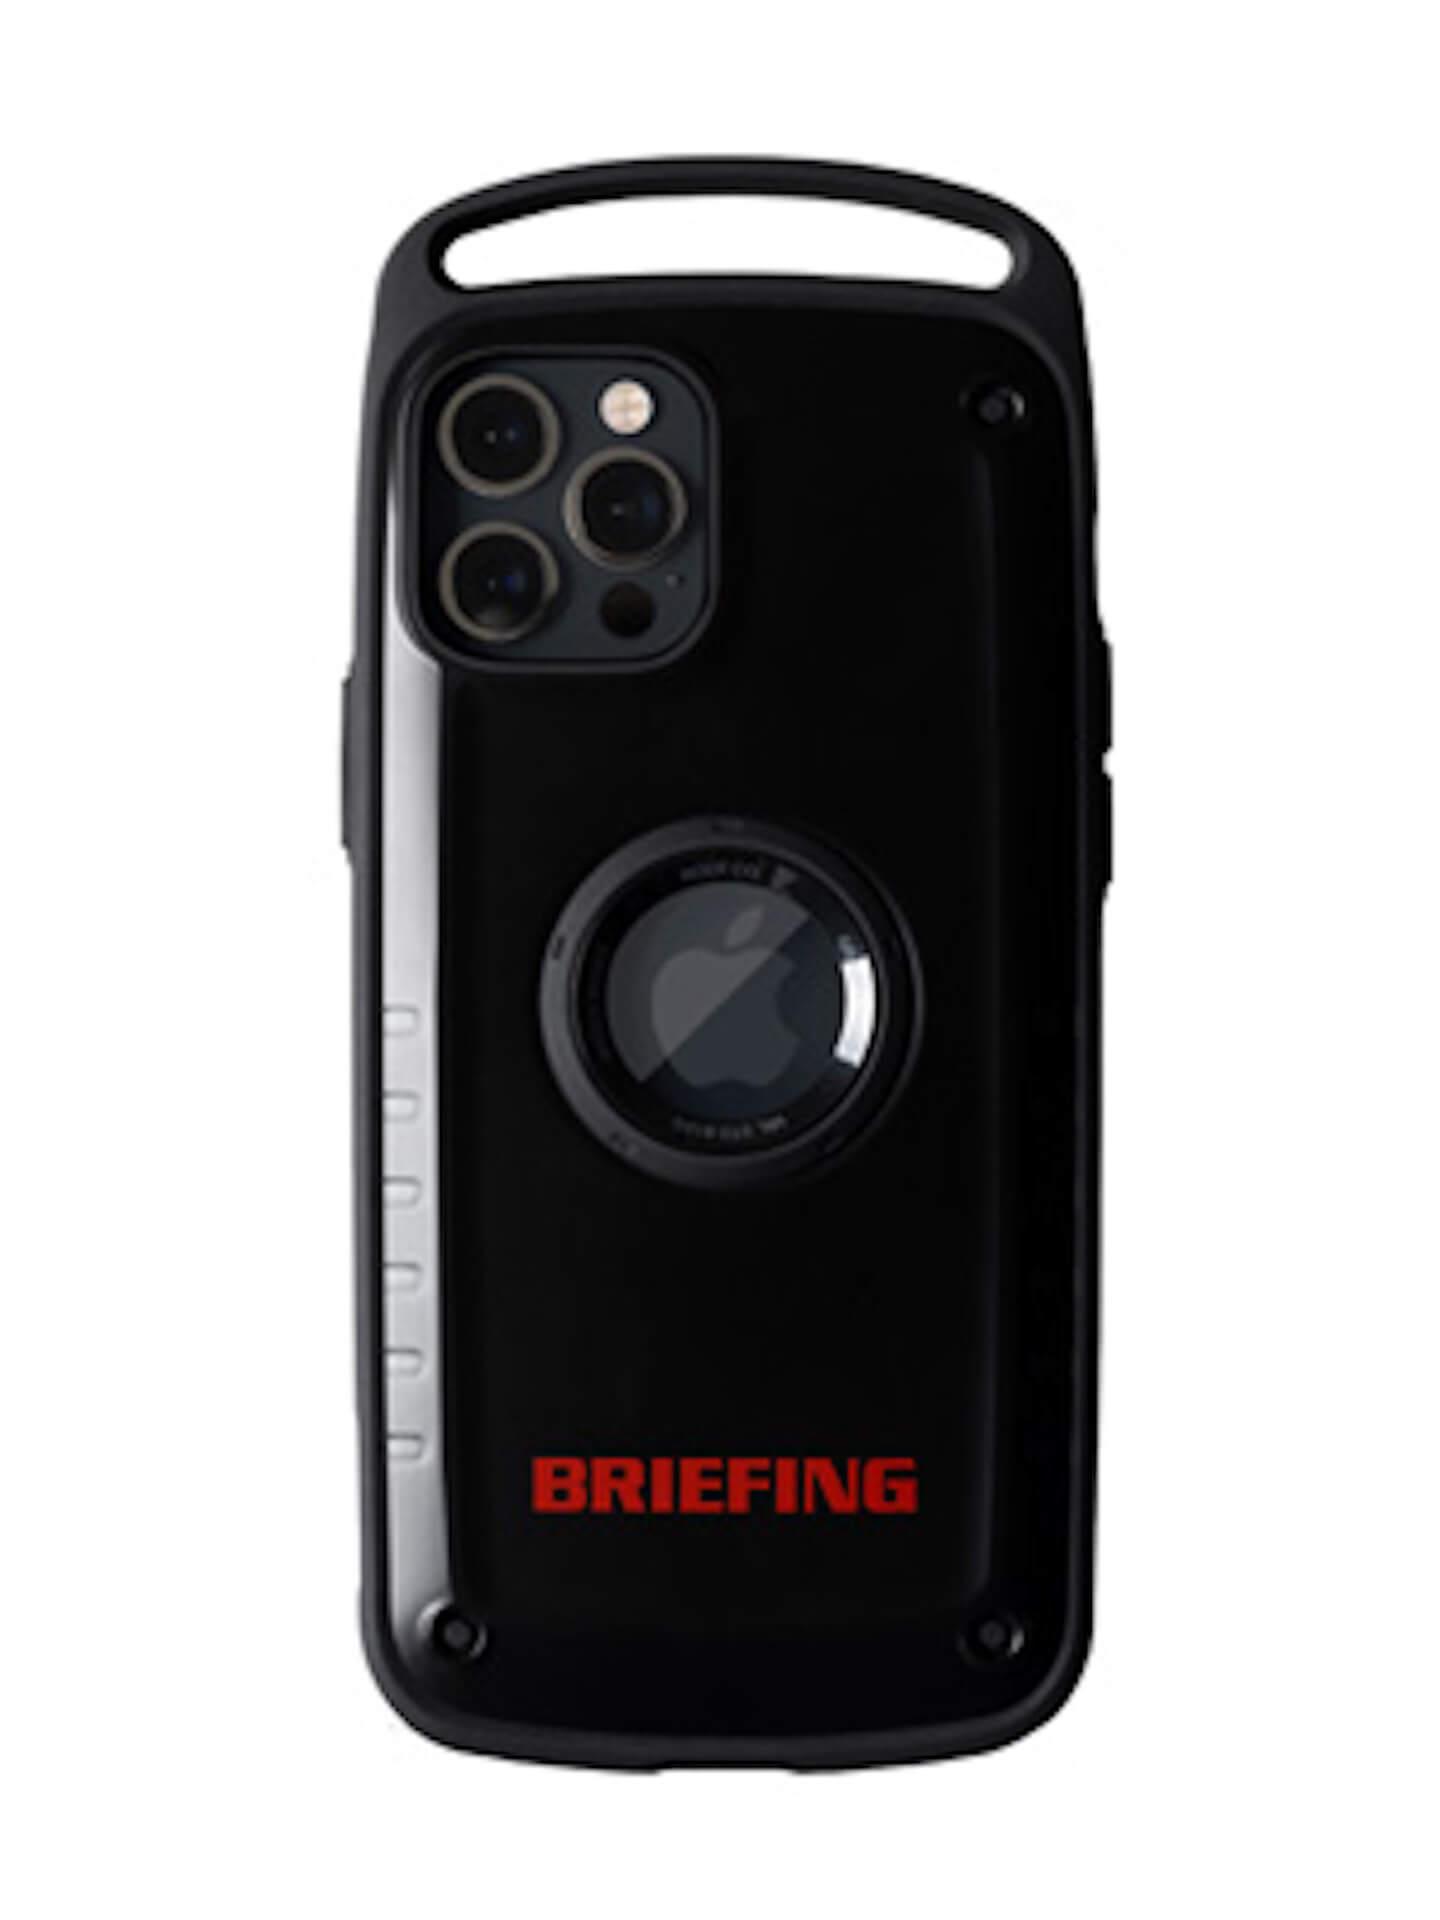 ROOTとBRIEFINGがコラボ!耐性試験に準拠したiPhone 12シリーズ用スマホケース&カラビナ付きキーホルダーが誕生 tech210219_root_briefing_6